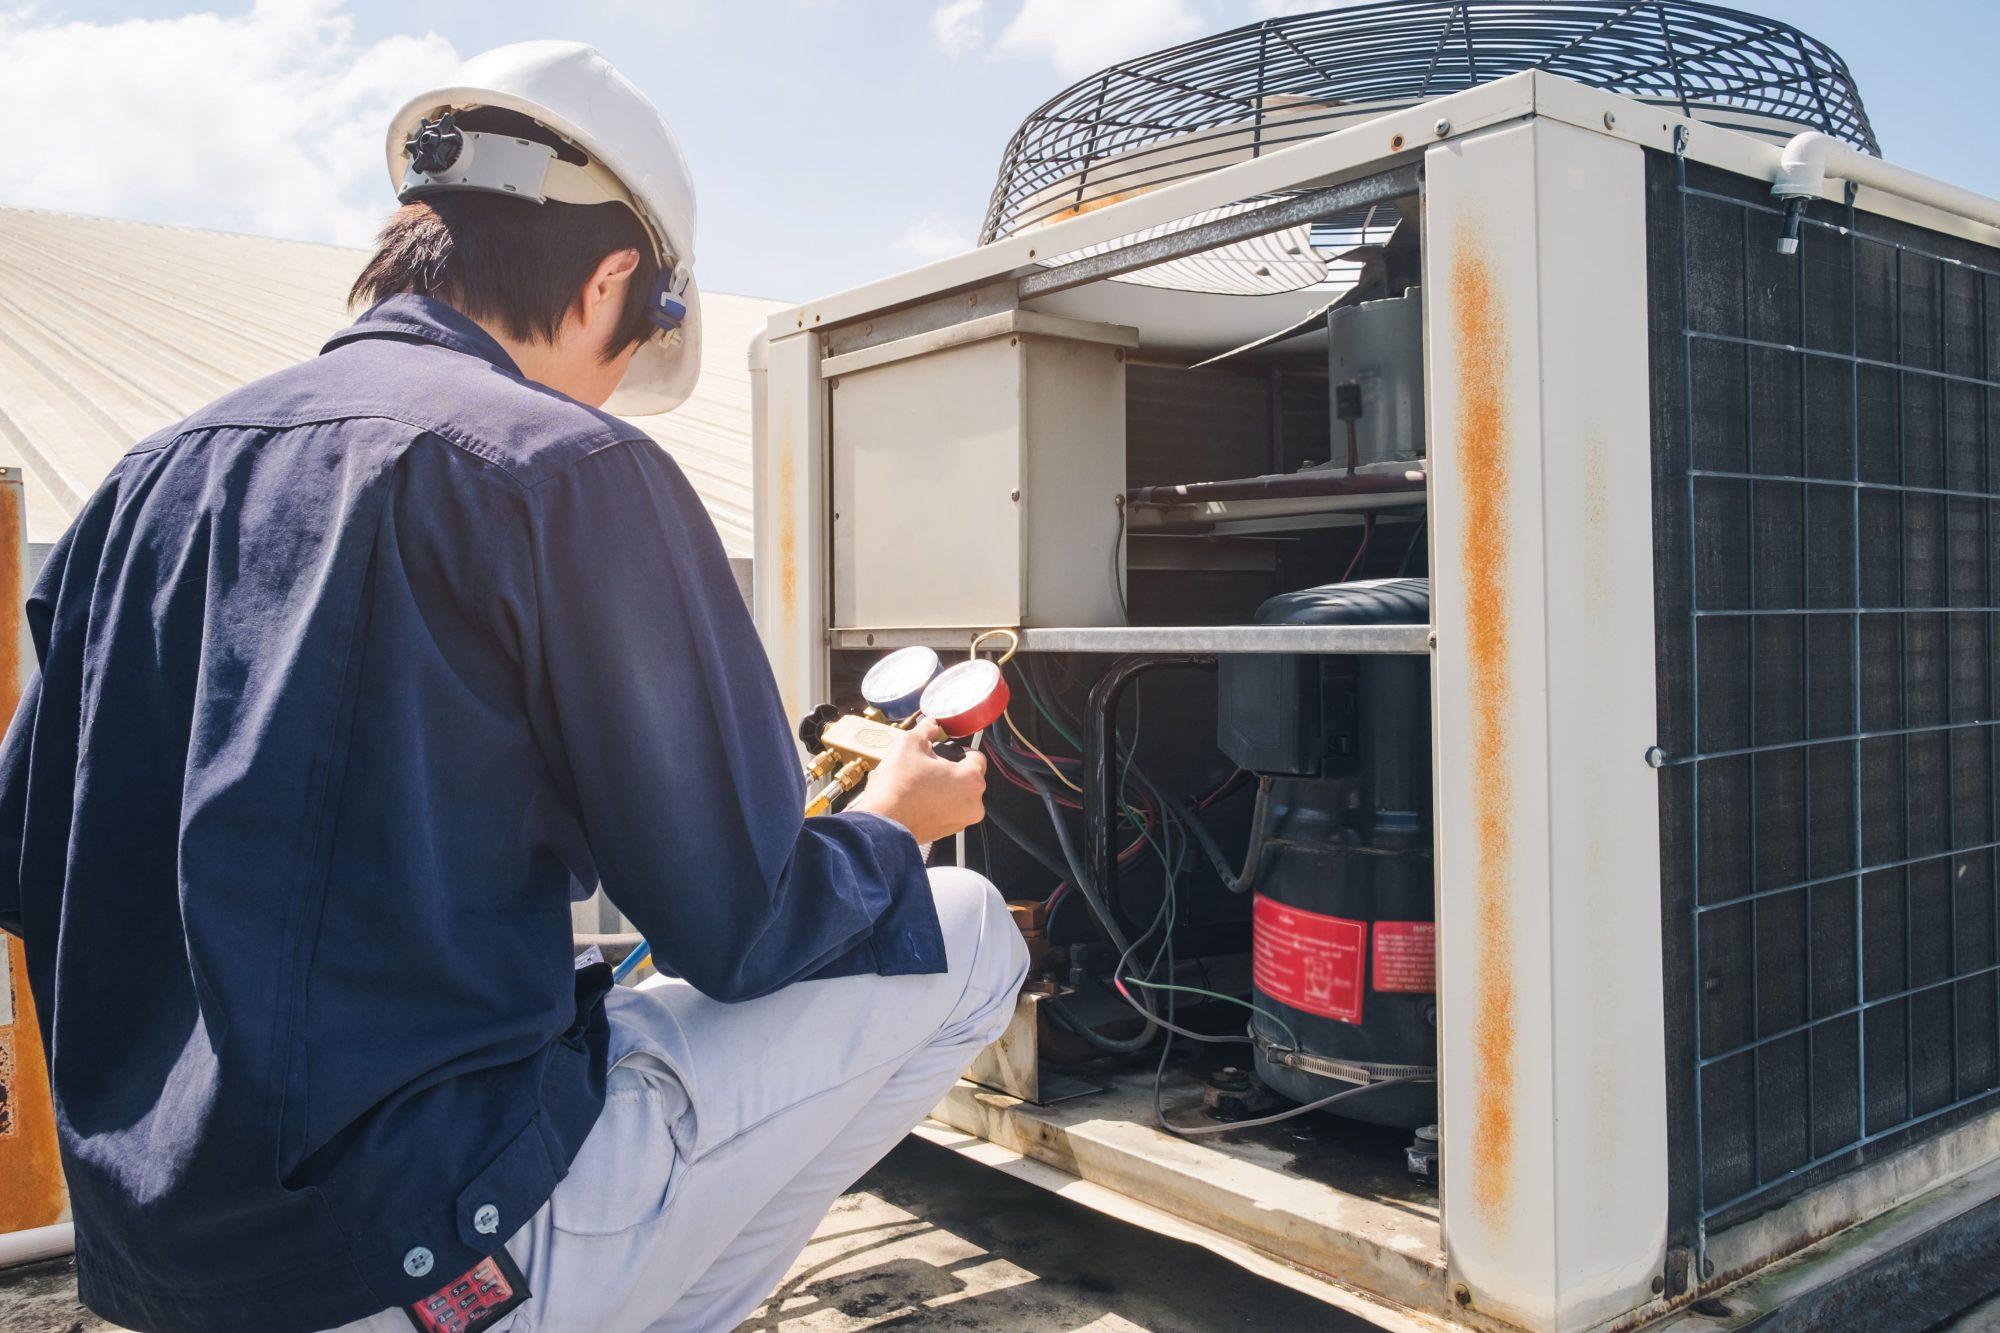 Técnico realizando manutenção de um ar-condicionado